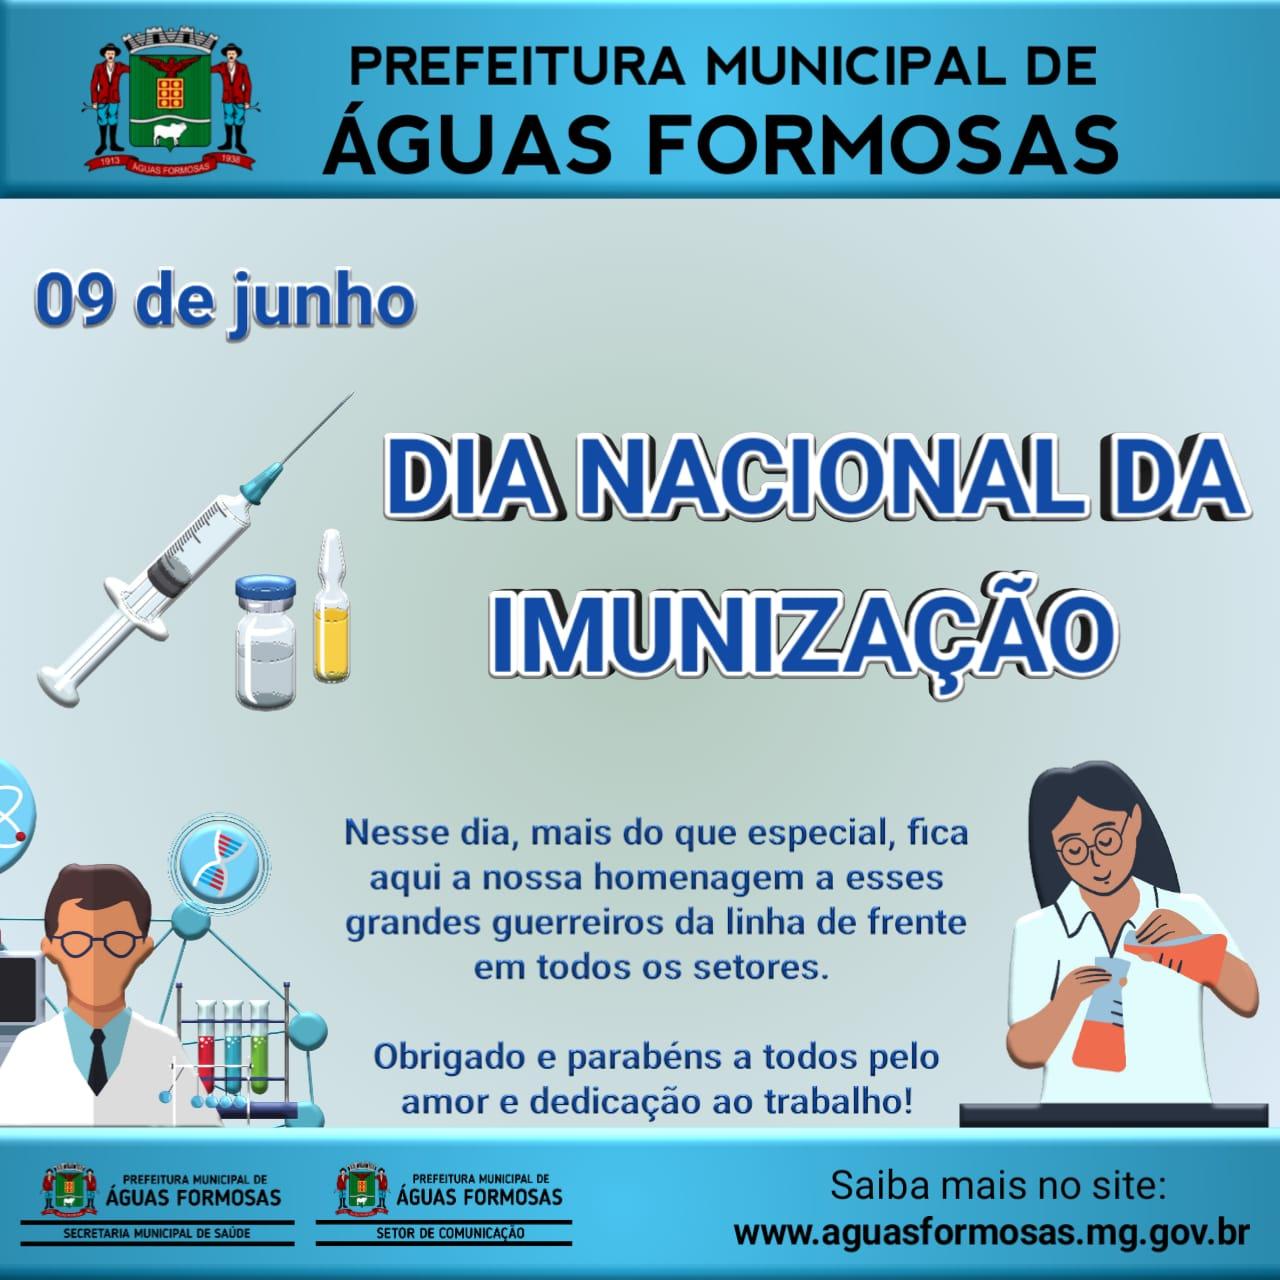 09 DE JUNHO, DIA NACIONAL DA IMUNIZAÇÃO!